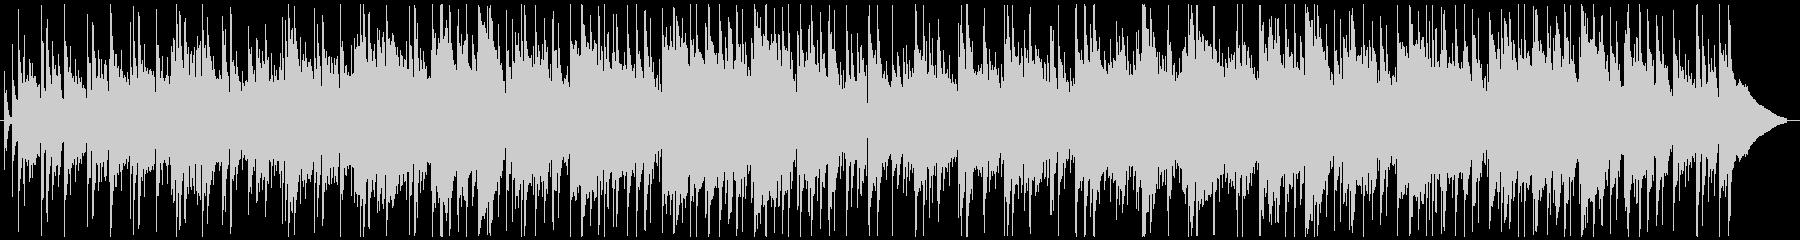 アルトサックスとピアノ中心の艶やかBGMの未再生の波形